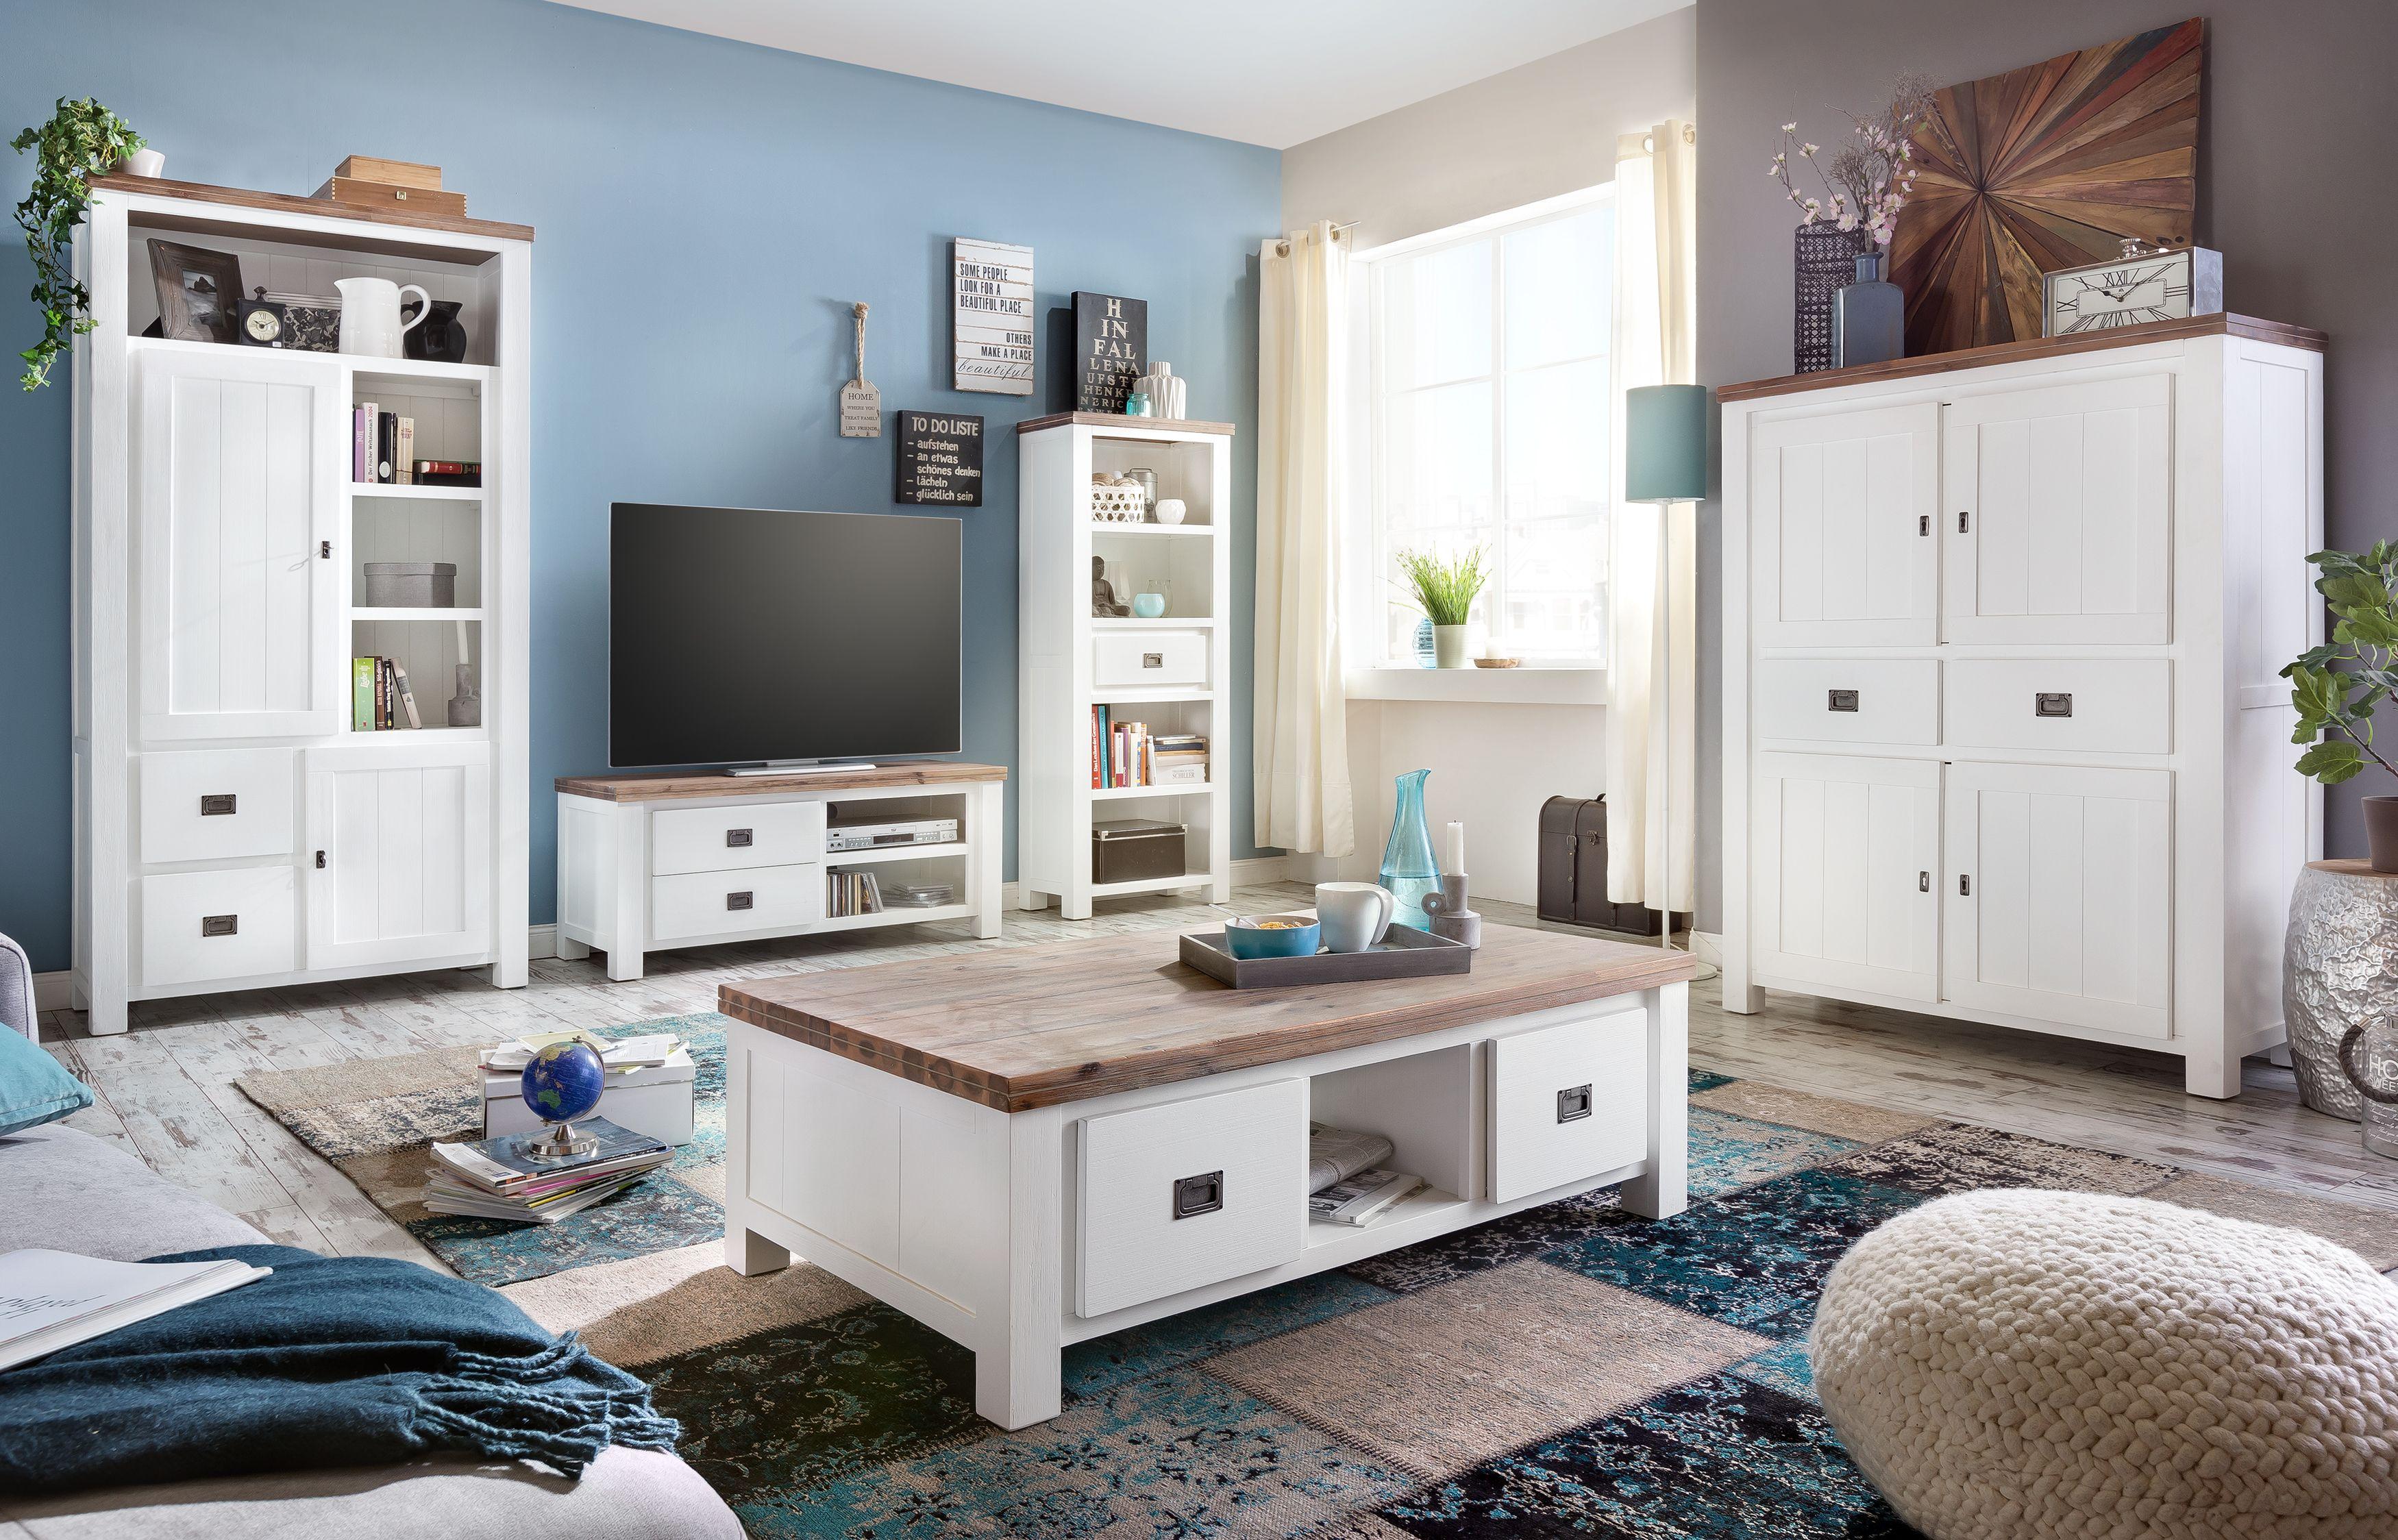 die serie lyron schafft mit ihrem #landhauscharme eine, Hause deko